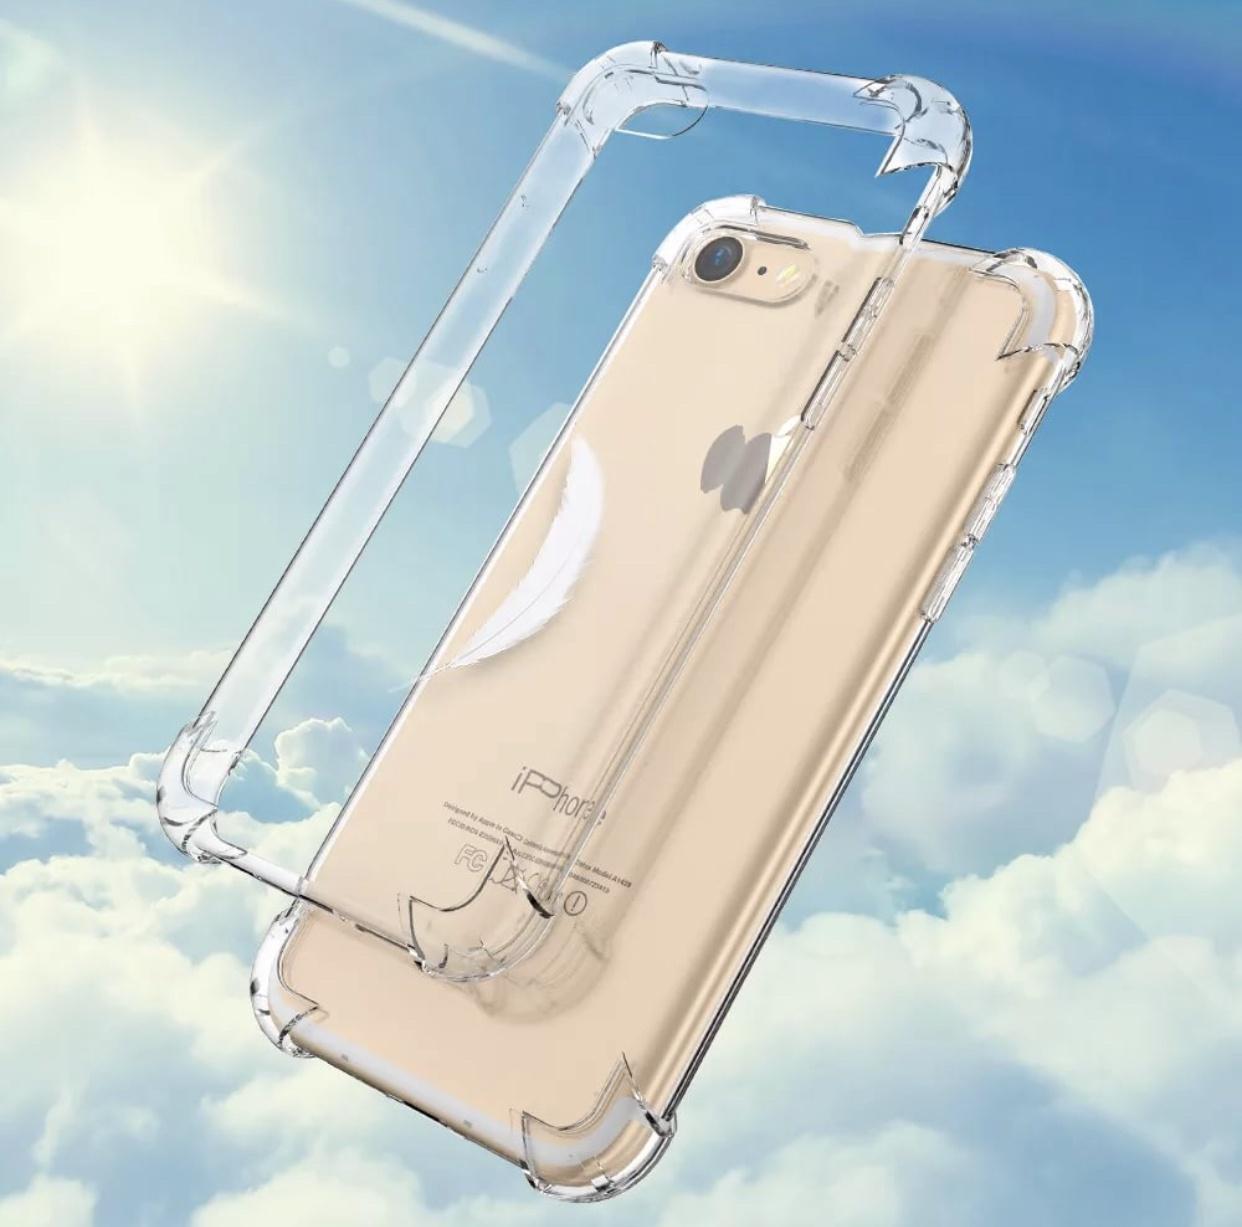 Чехол для сотового телефона Markclub@Hoco Силиконовый чехол Markclub для iPhone 6 прозрачный, СT-2016 caterpillar active signature противоударный чехол для iphone 6